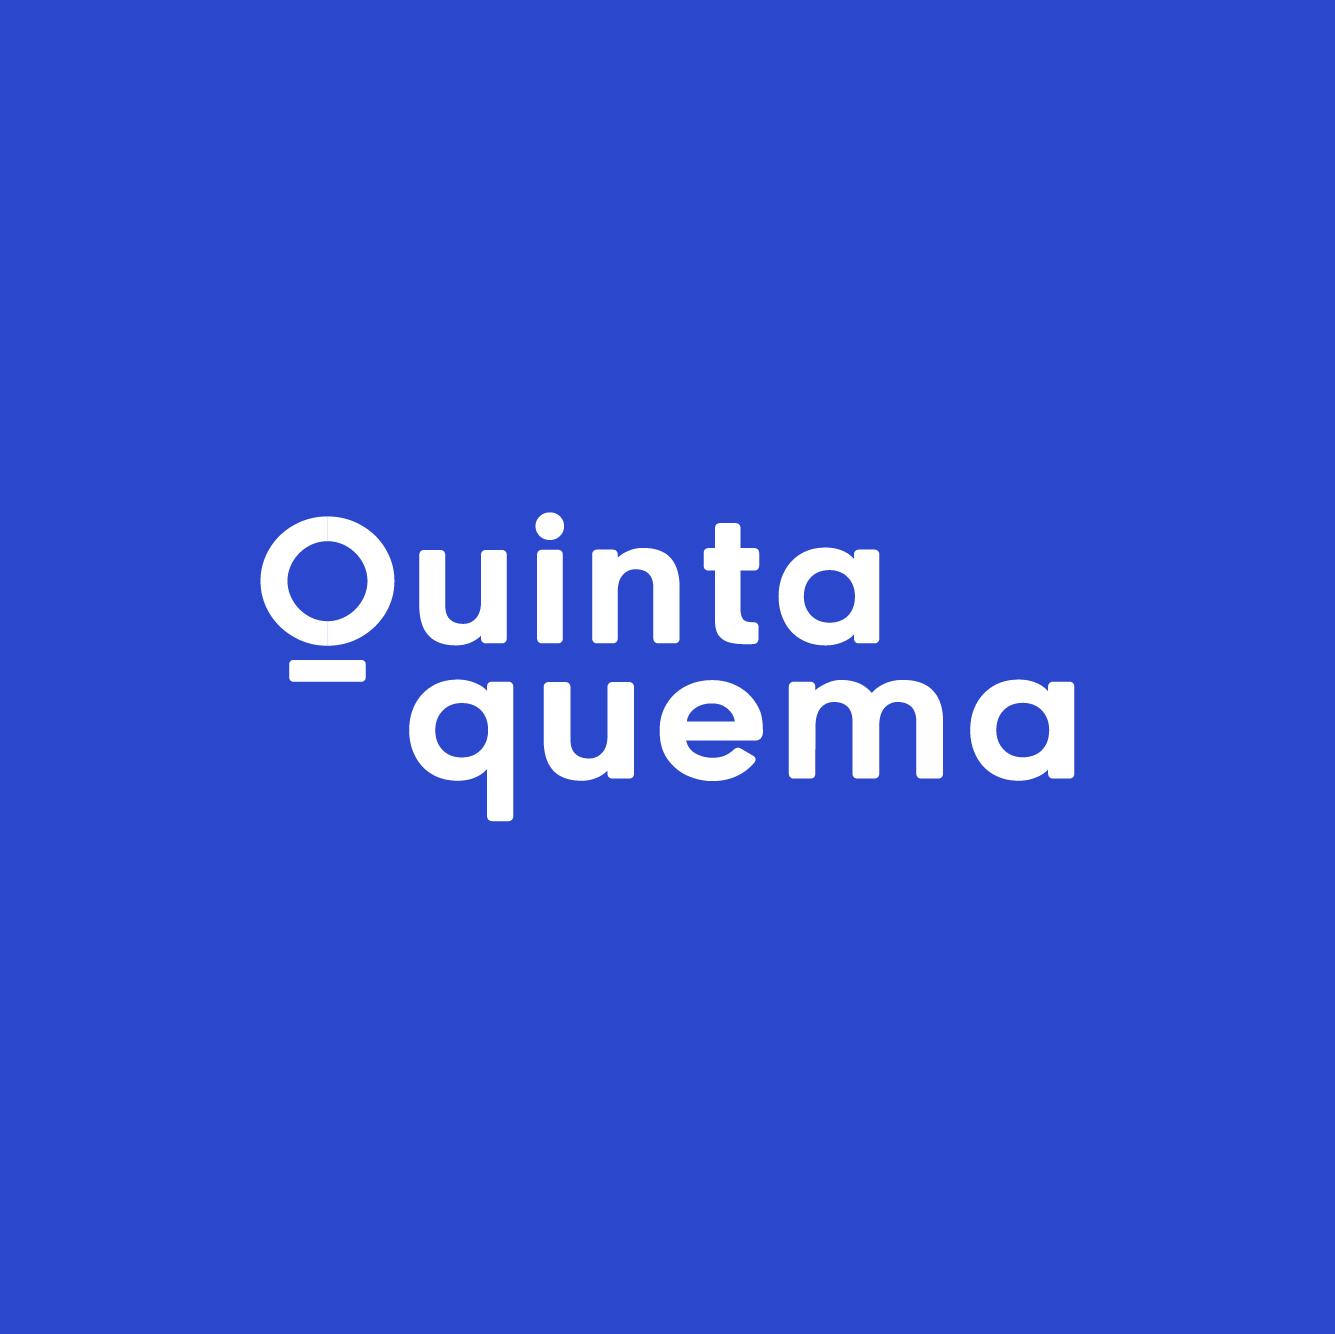 Quinta Quema